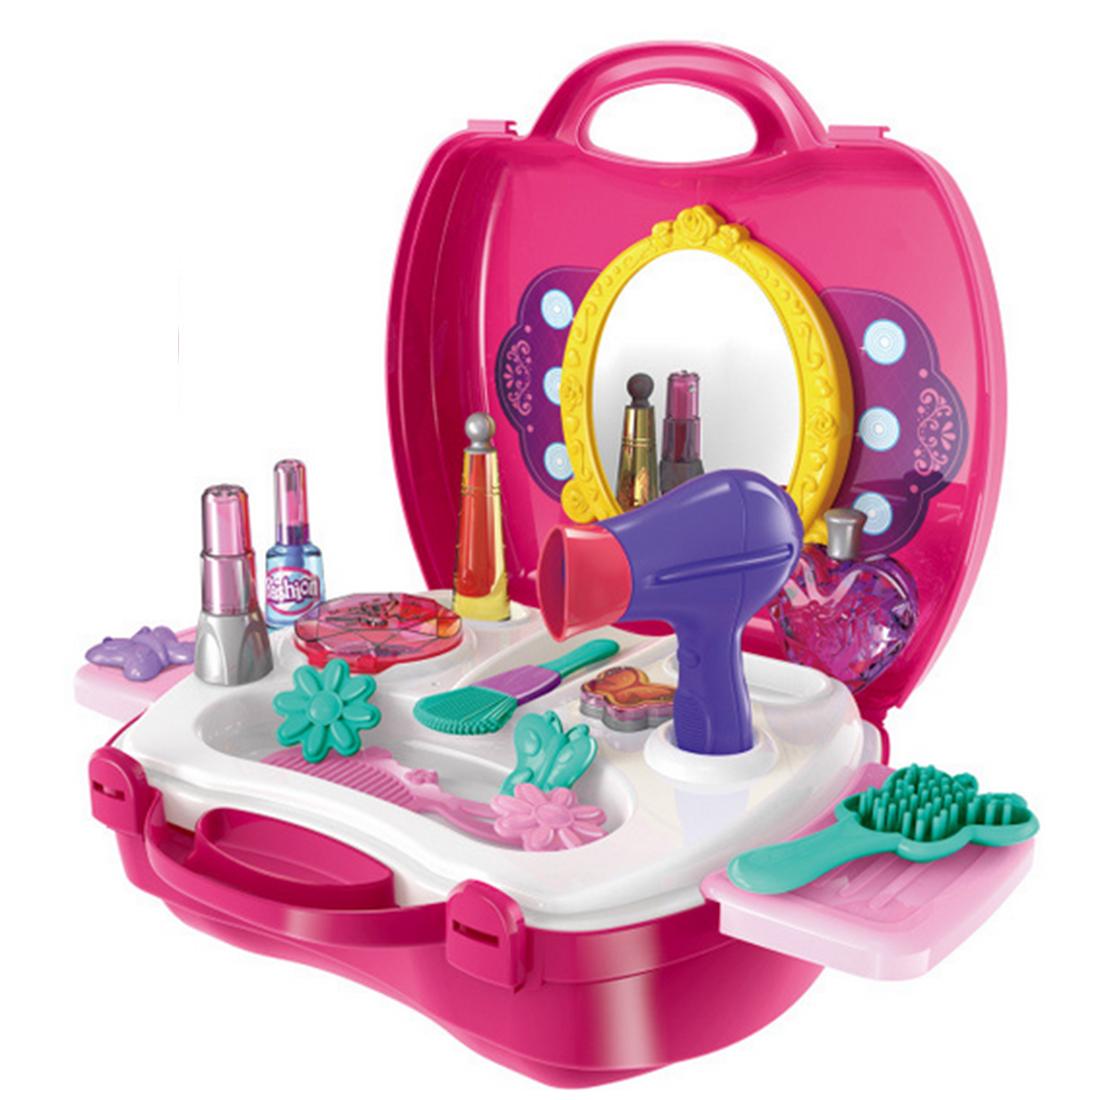 [해외]Surwish Kitchen 척 & amp; 놀이 ABS 화장품 케이스 시뮬레이션 메이크업 도구 키트 스토리지 박스 - 레드/Surwish Kitchen Pretend & Play ABS Cosmetic Case Simulation Makeup T